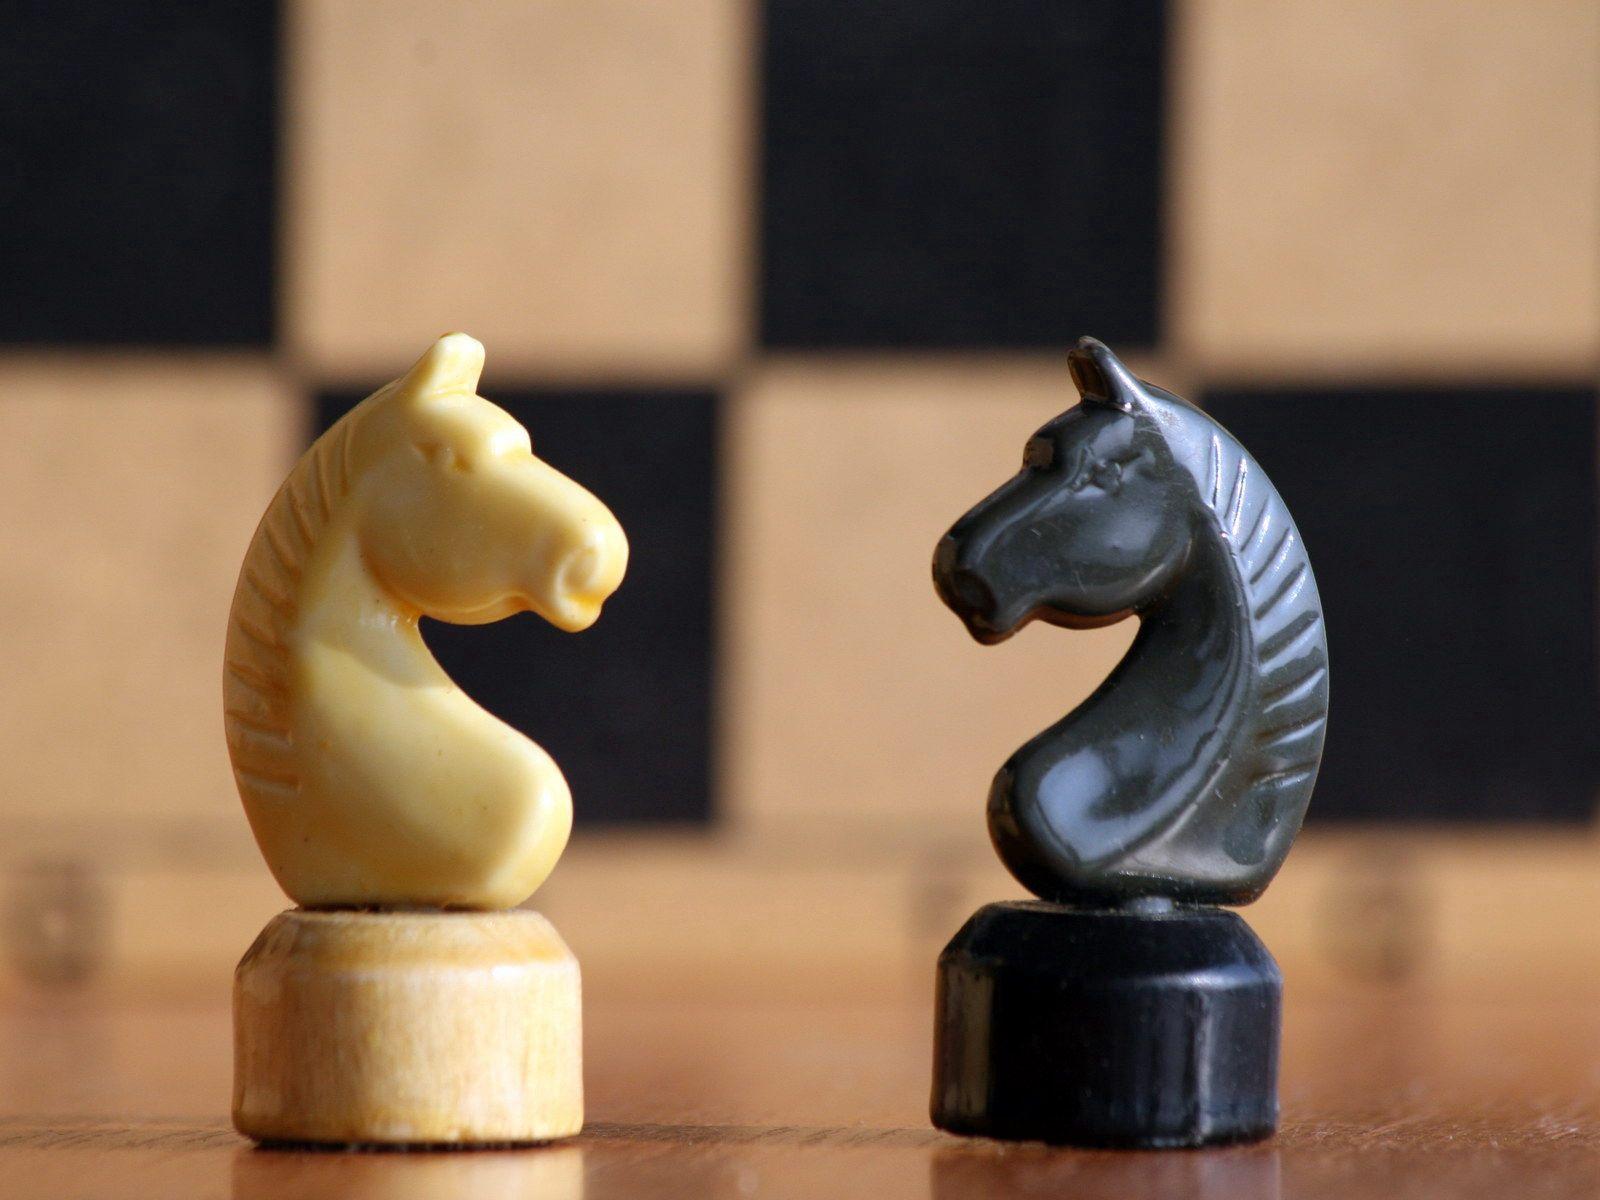 85063 Hintergrundbild herunterladen Sport, Chess, Das Schwarze, Form, Formen, Pferd - Bildschirmschoner und Bilder kostenlos